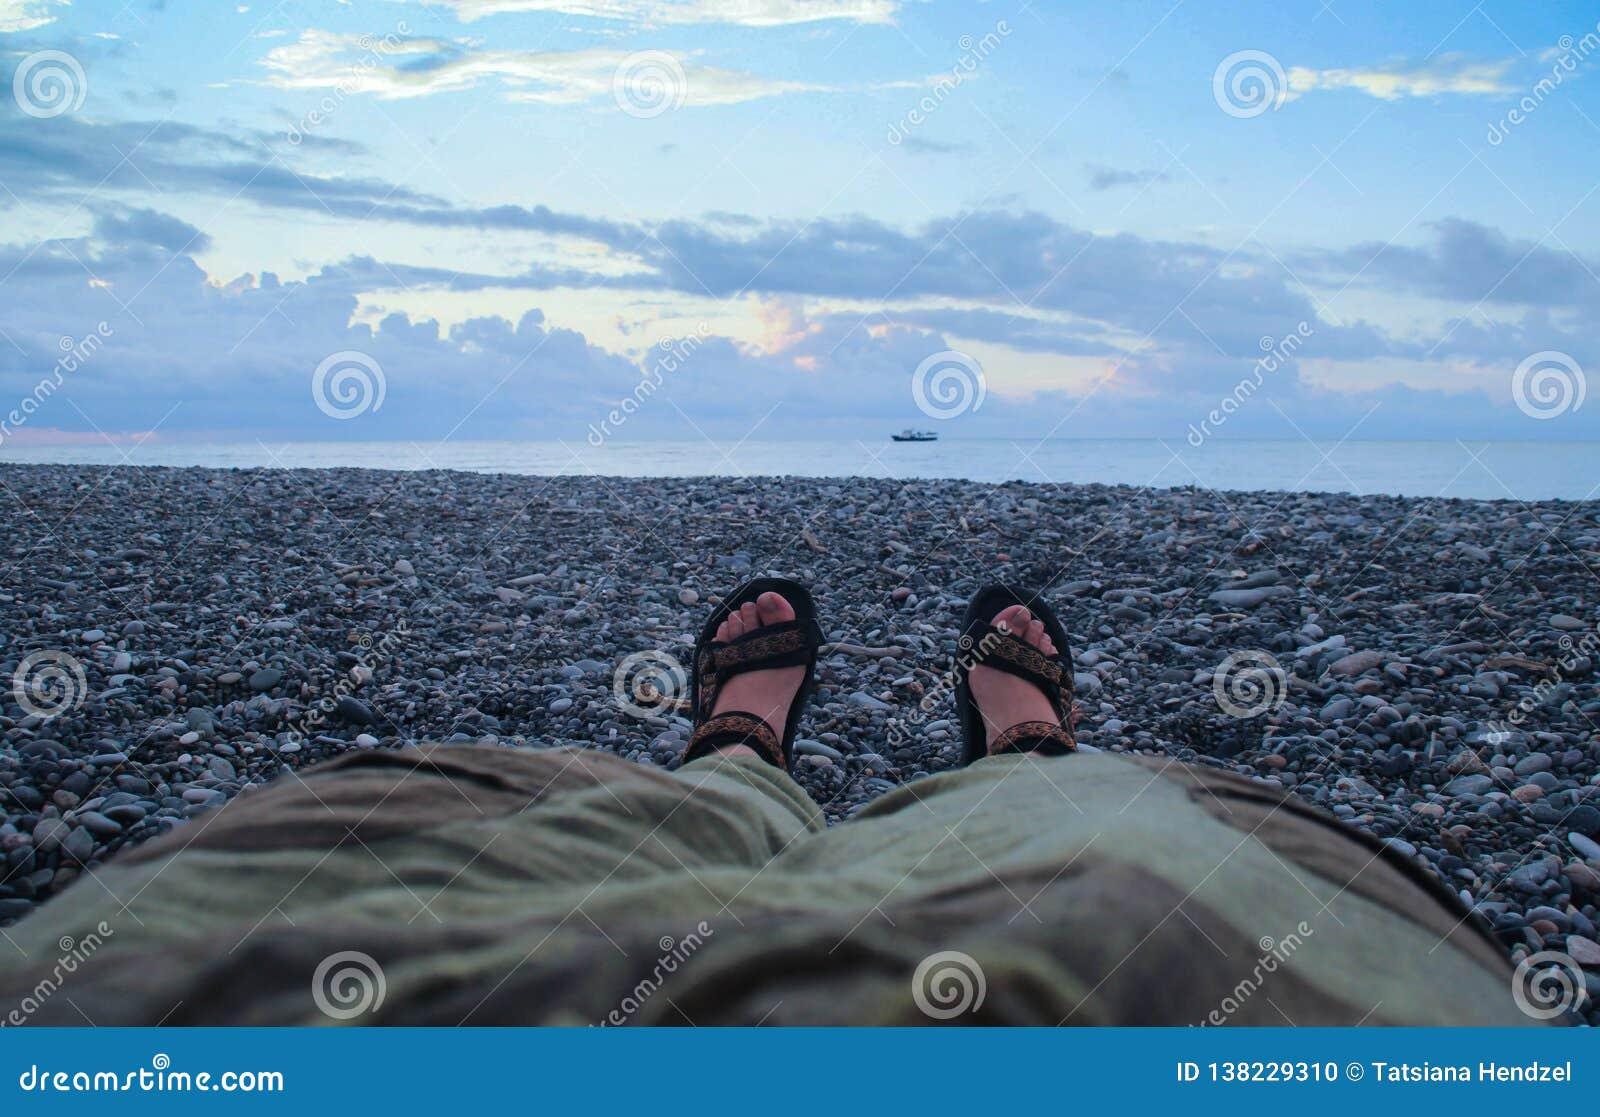 Les jambes des femmes en pantalon et sandales sur les pieds nus sur la zone de coucher du soleil au-dessus de la mer se trouvent